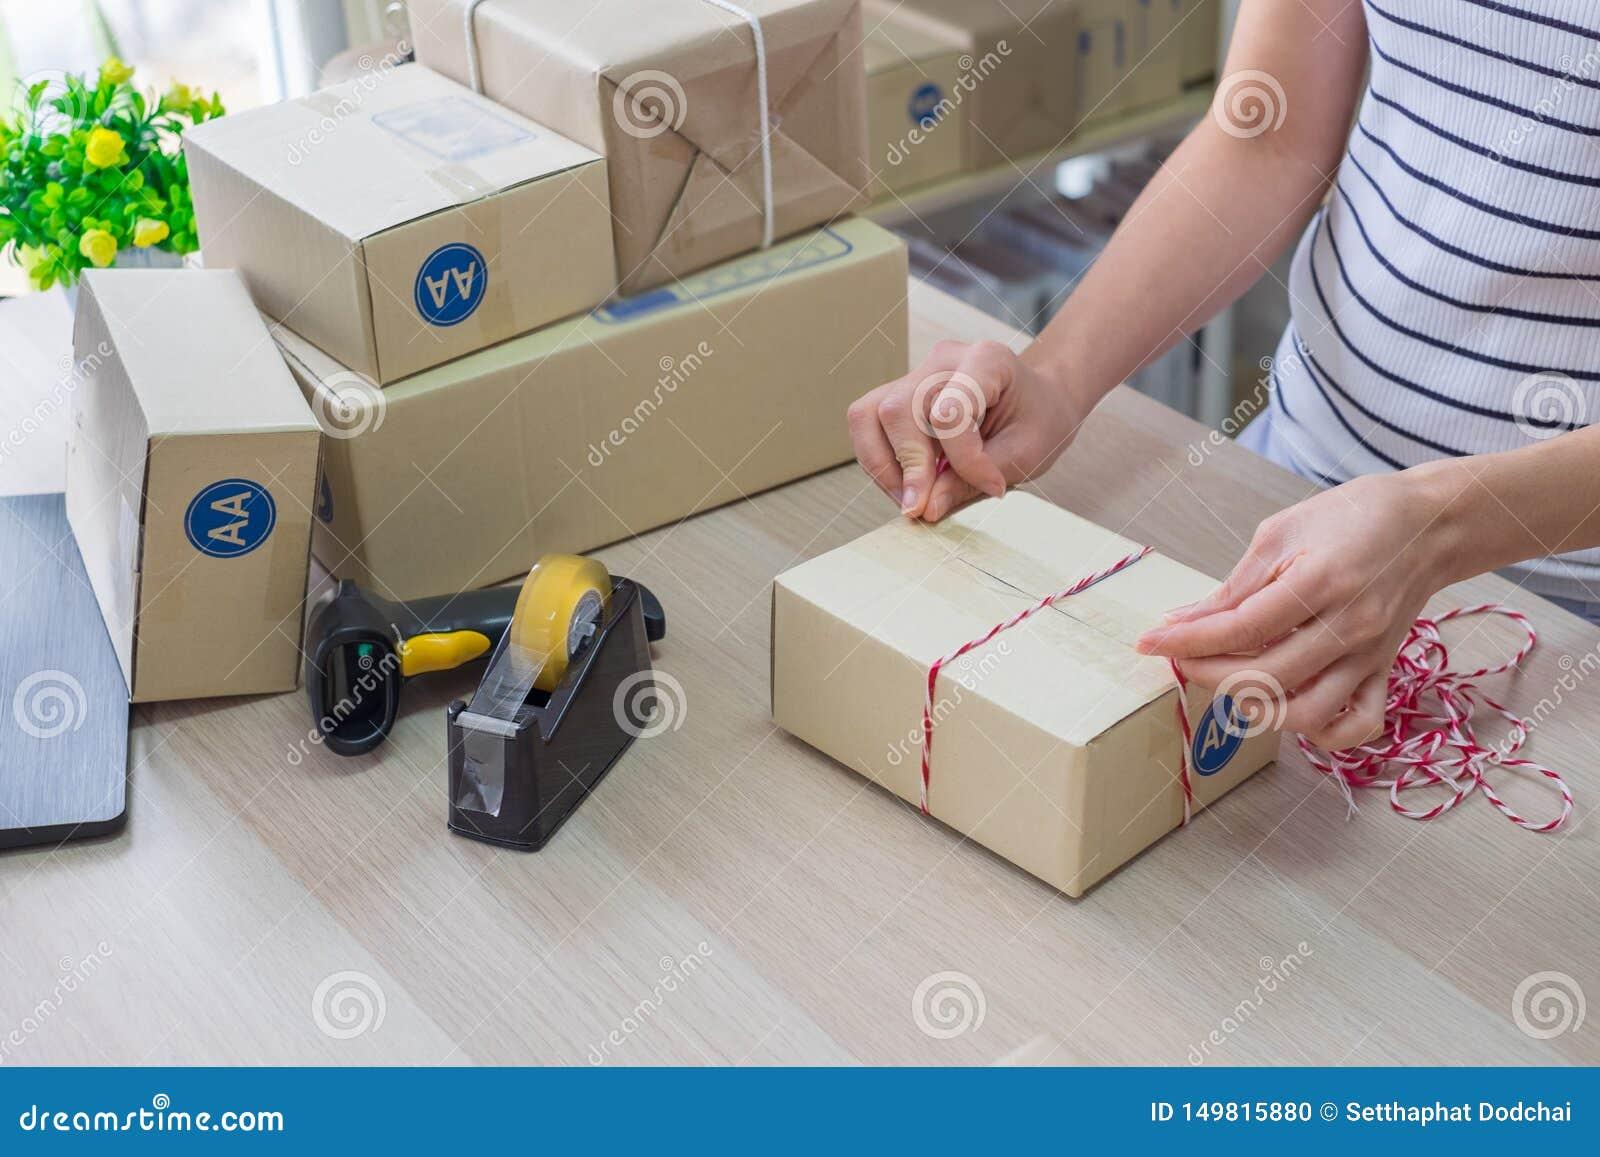 Γυναίκα, μικρή επιχείρηση ξεκινήματος Κουτί από χαρτόνι συσκευασίας ιδιοκτητών στον εργασιακό χώρο Προετοιμάστε το κιβώτιο συσκευ